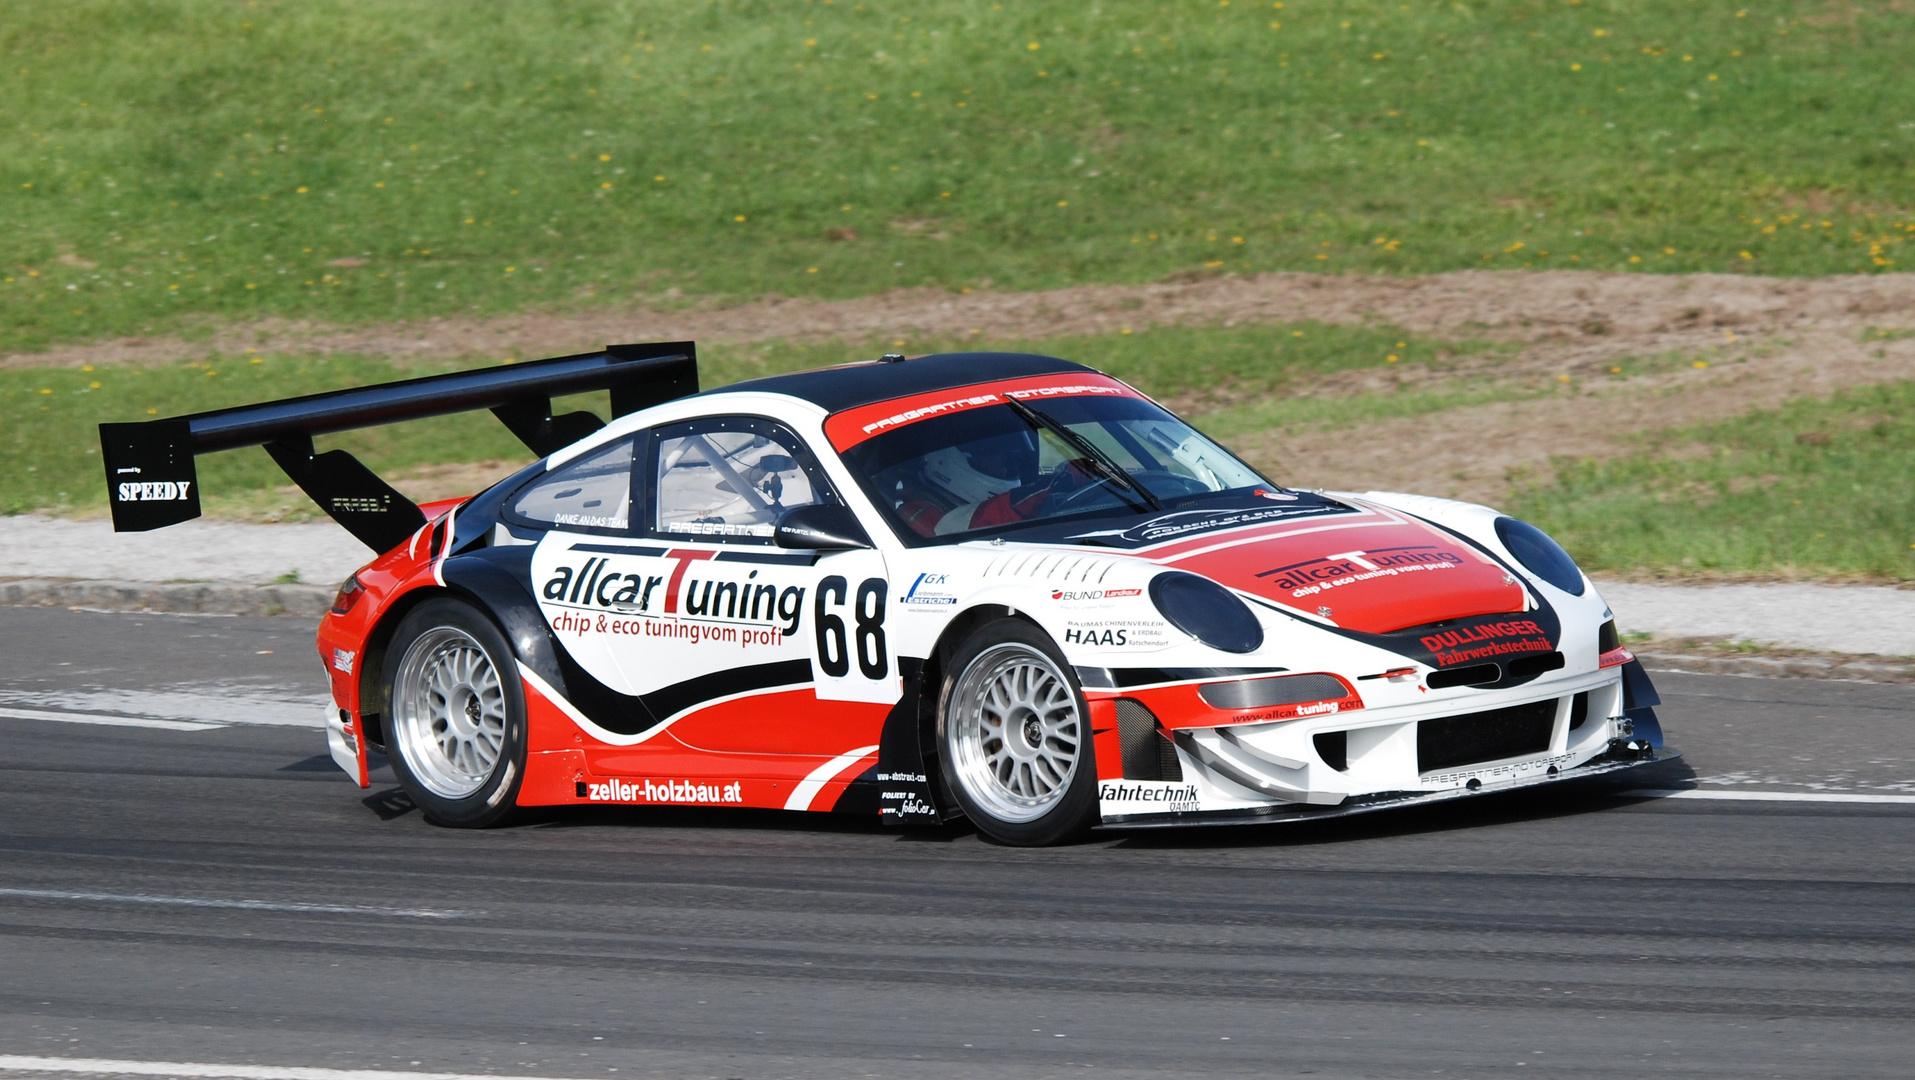 Herbert Pregartner AUT - Porsche 911 GT2 RSR